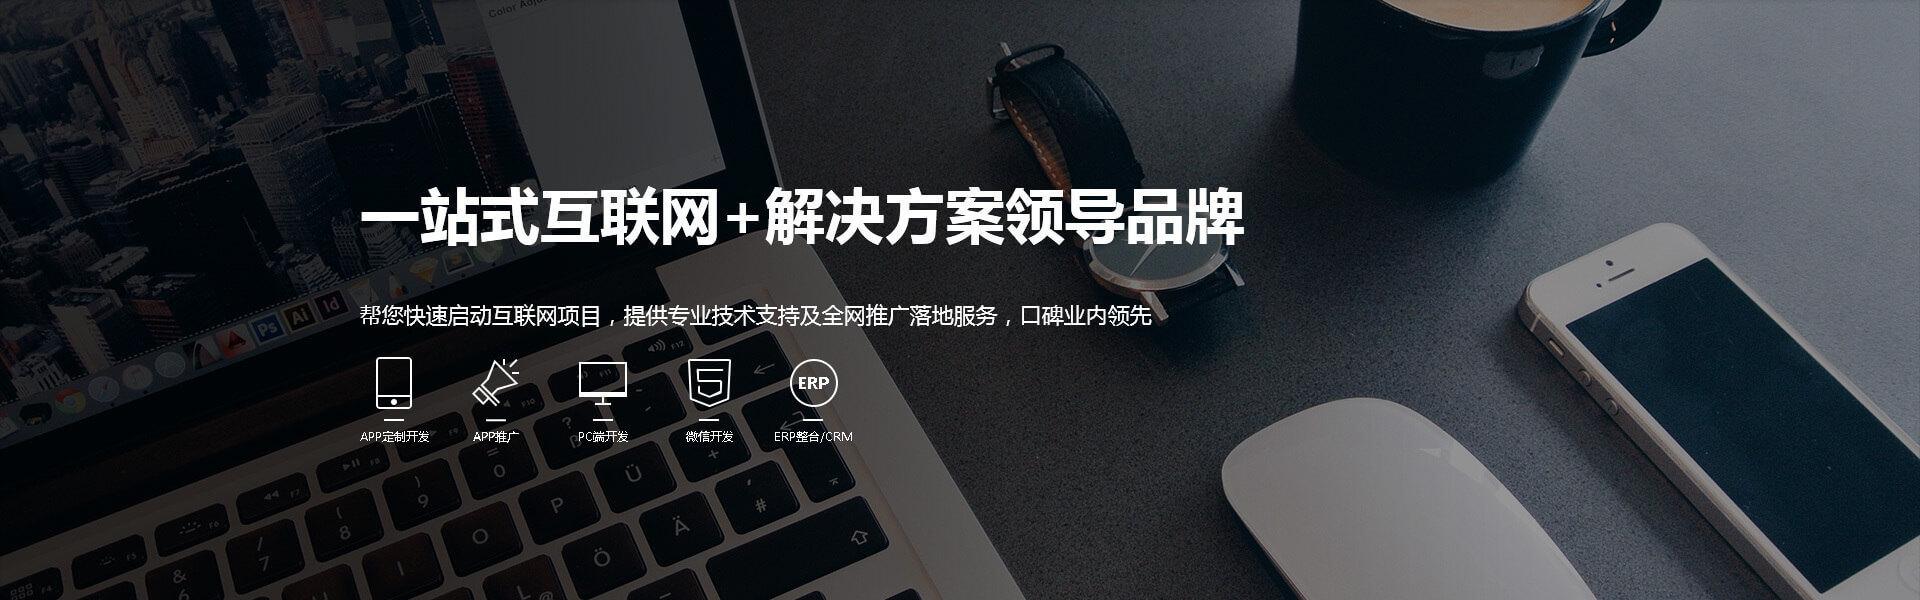 惠州建设网站做推广排名百度360,搜狗首页